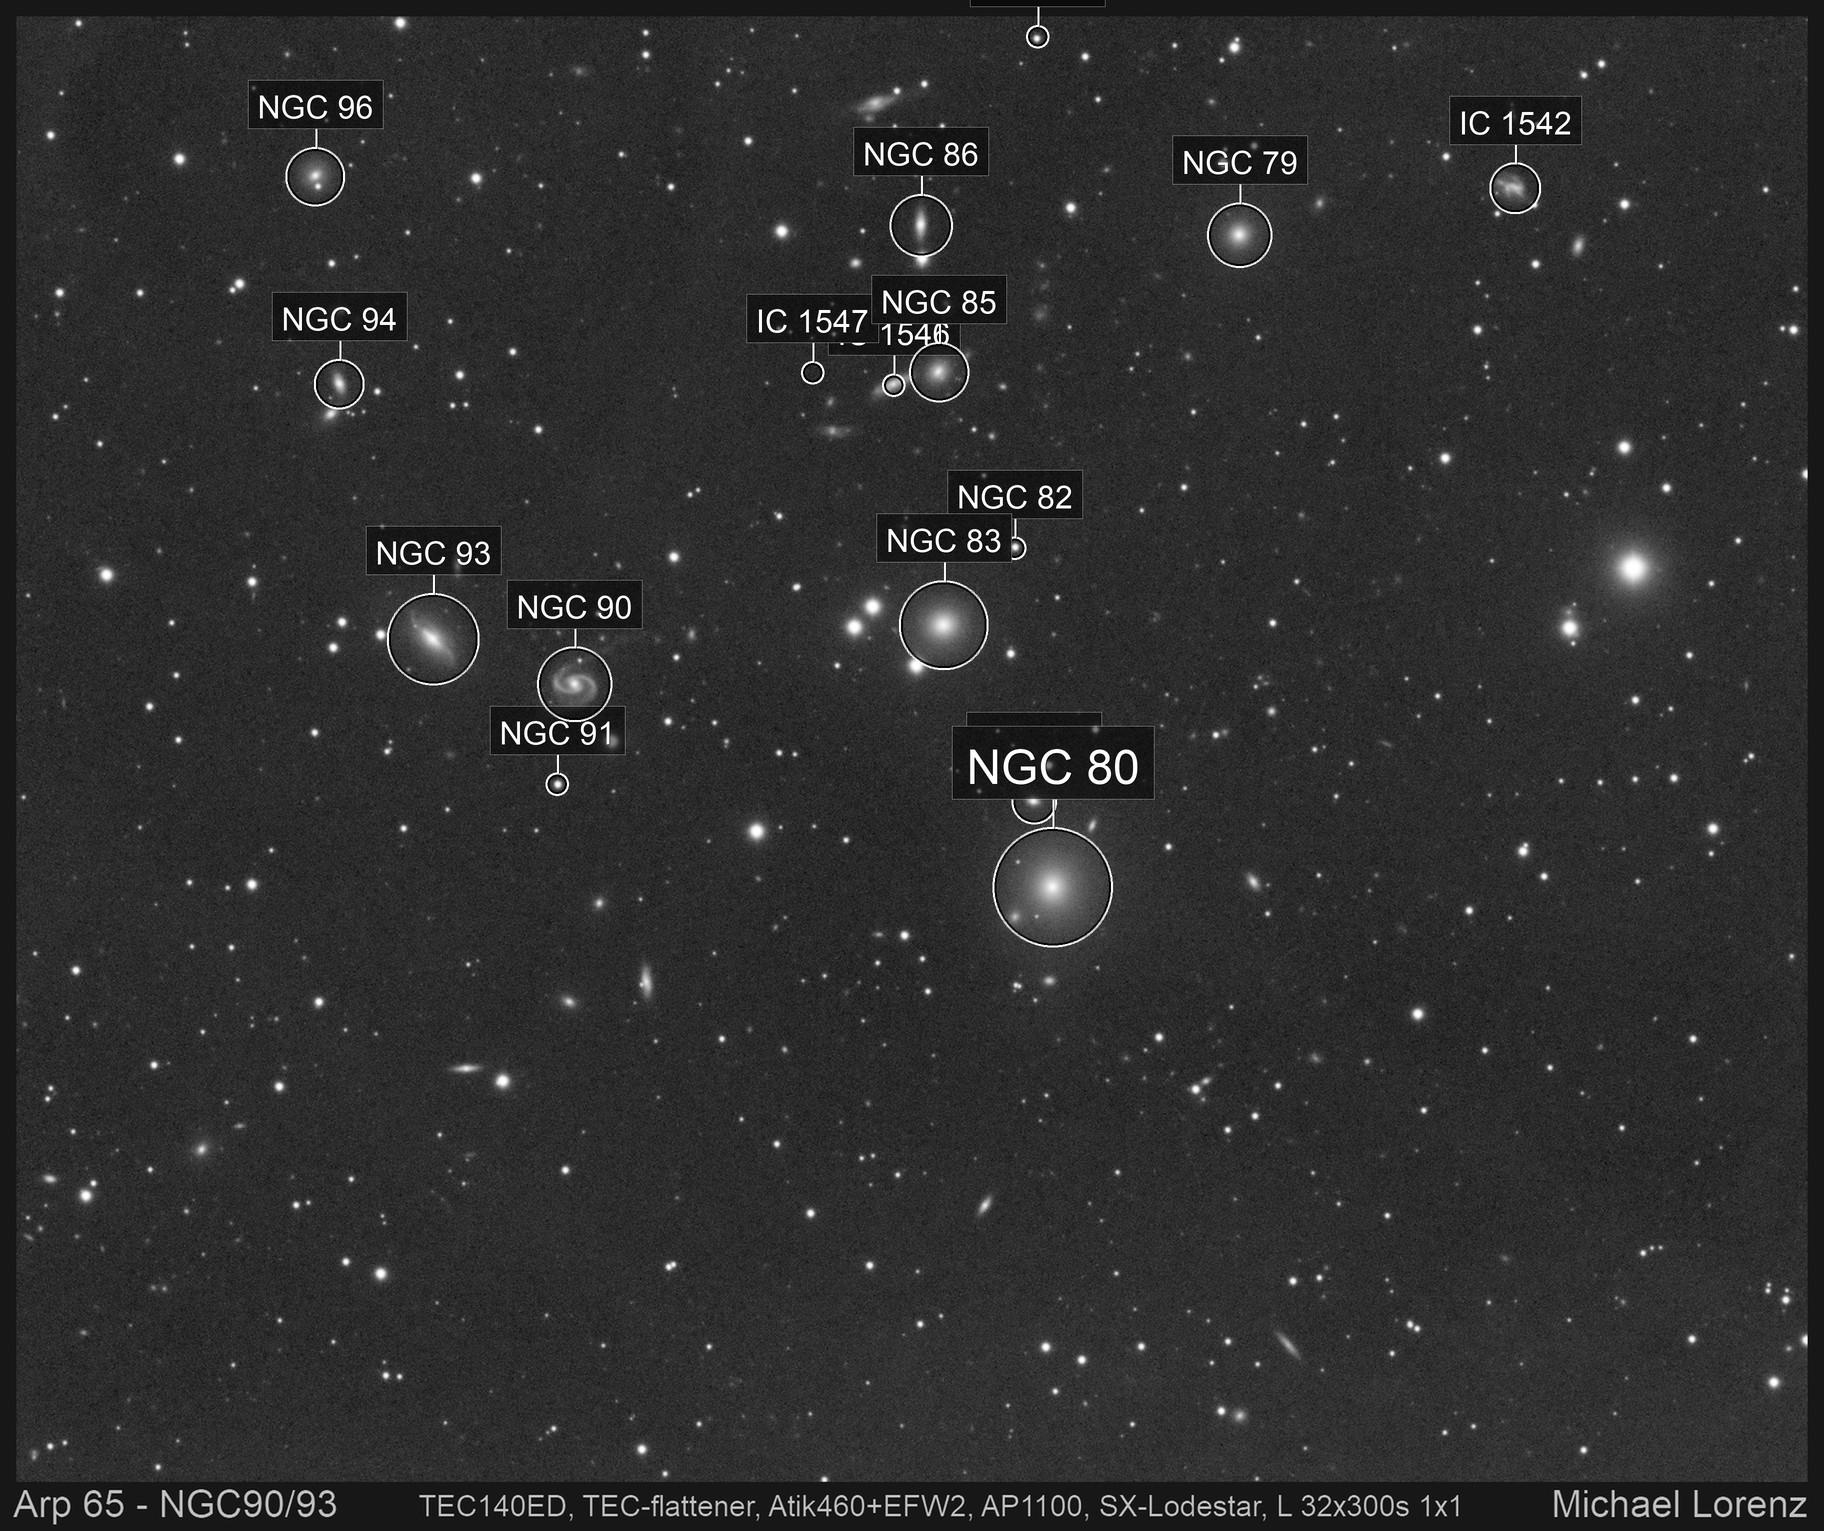 Arp 65 - NGC90/93